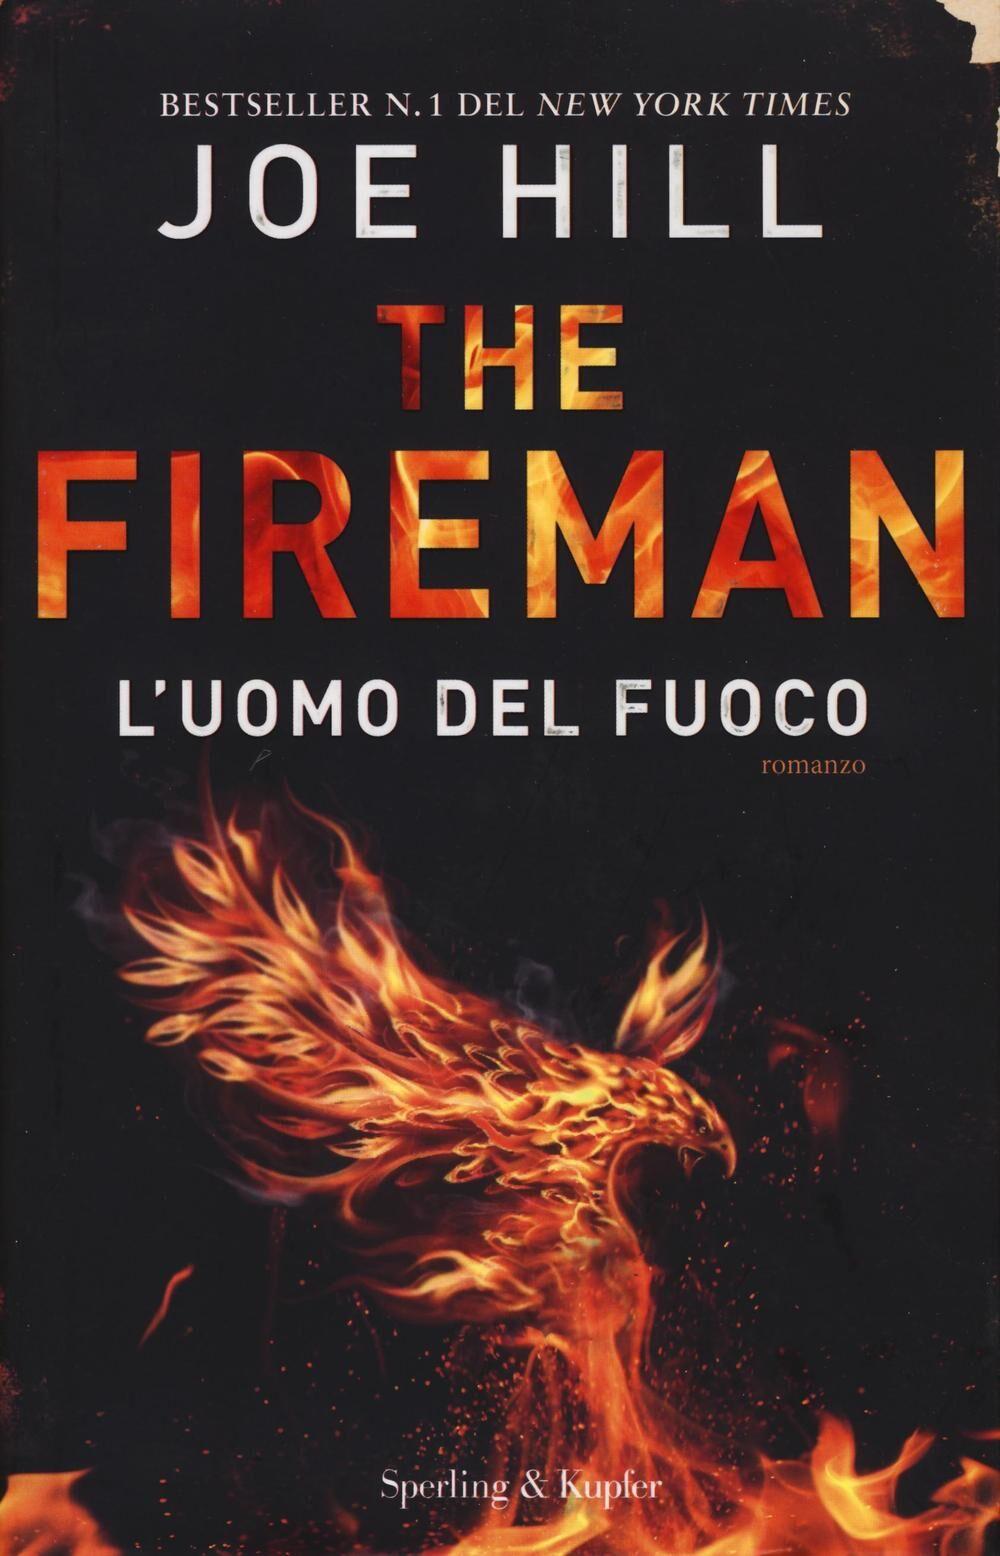 L' uomo del fuoco. The Fireman